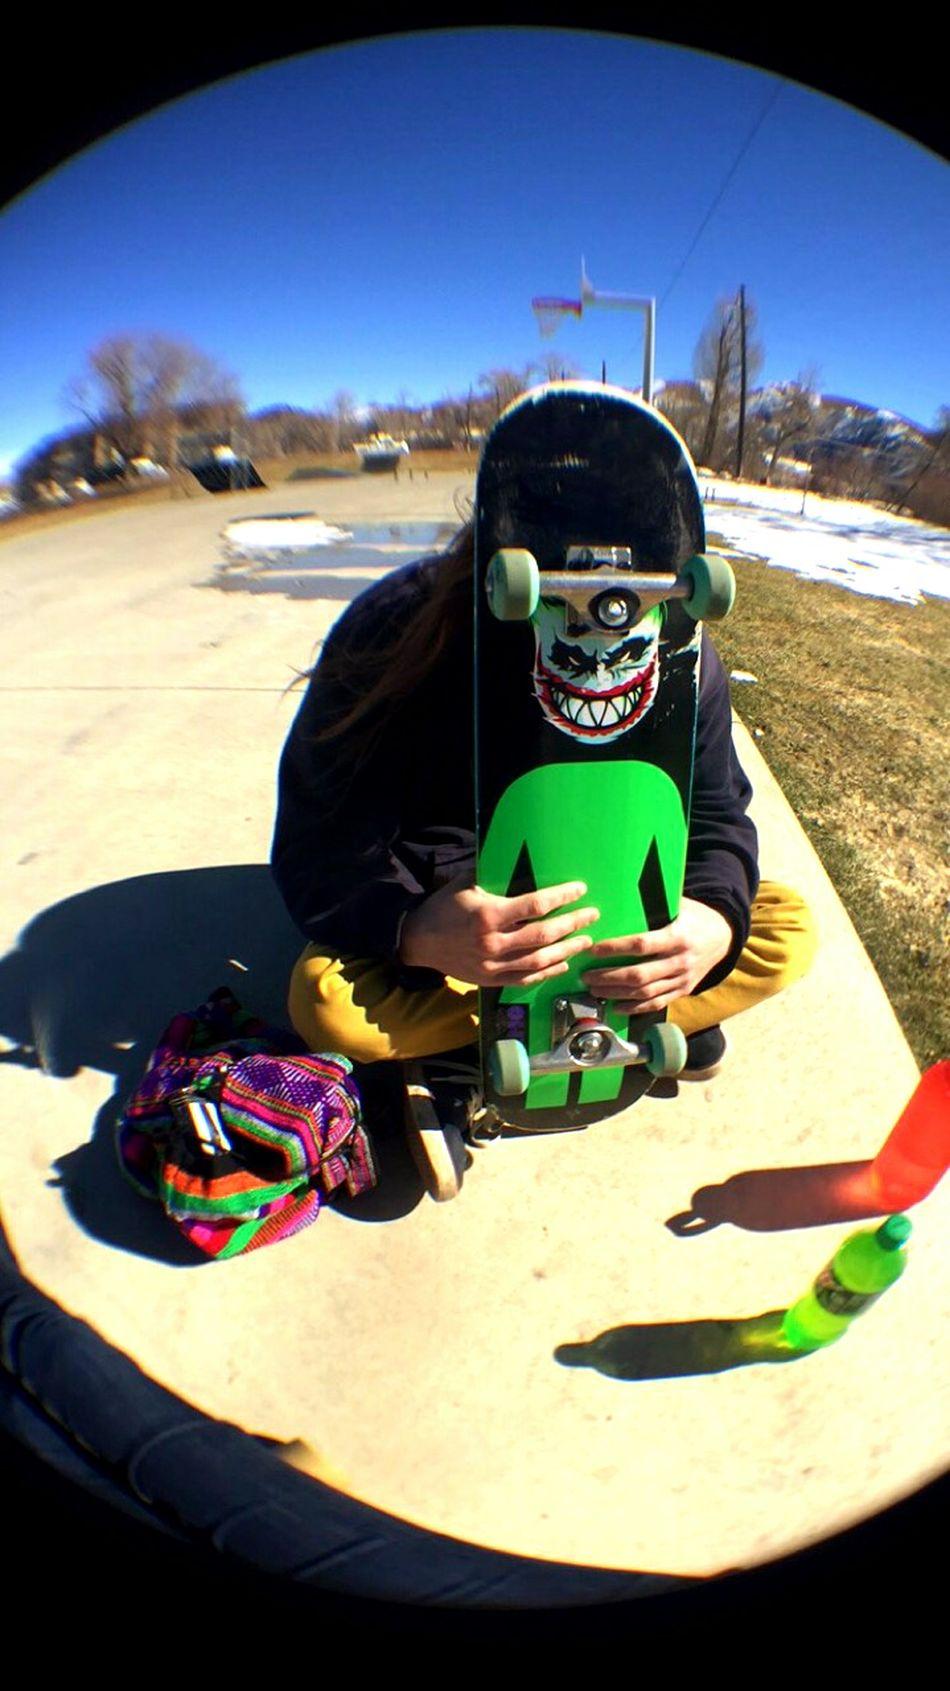 Park Skateboarding Skatepark Abstract Interesting Punk Spitfire Girl Fun Good Shot Original Edits Good Memories ❤ Town Original My Favorite Photo Sun Enjoying Life Spring Springtime Spring 2016 UtahisRad Utah Radical Showing Imperfection